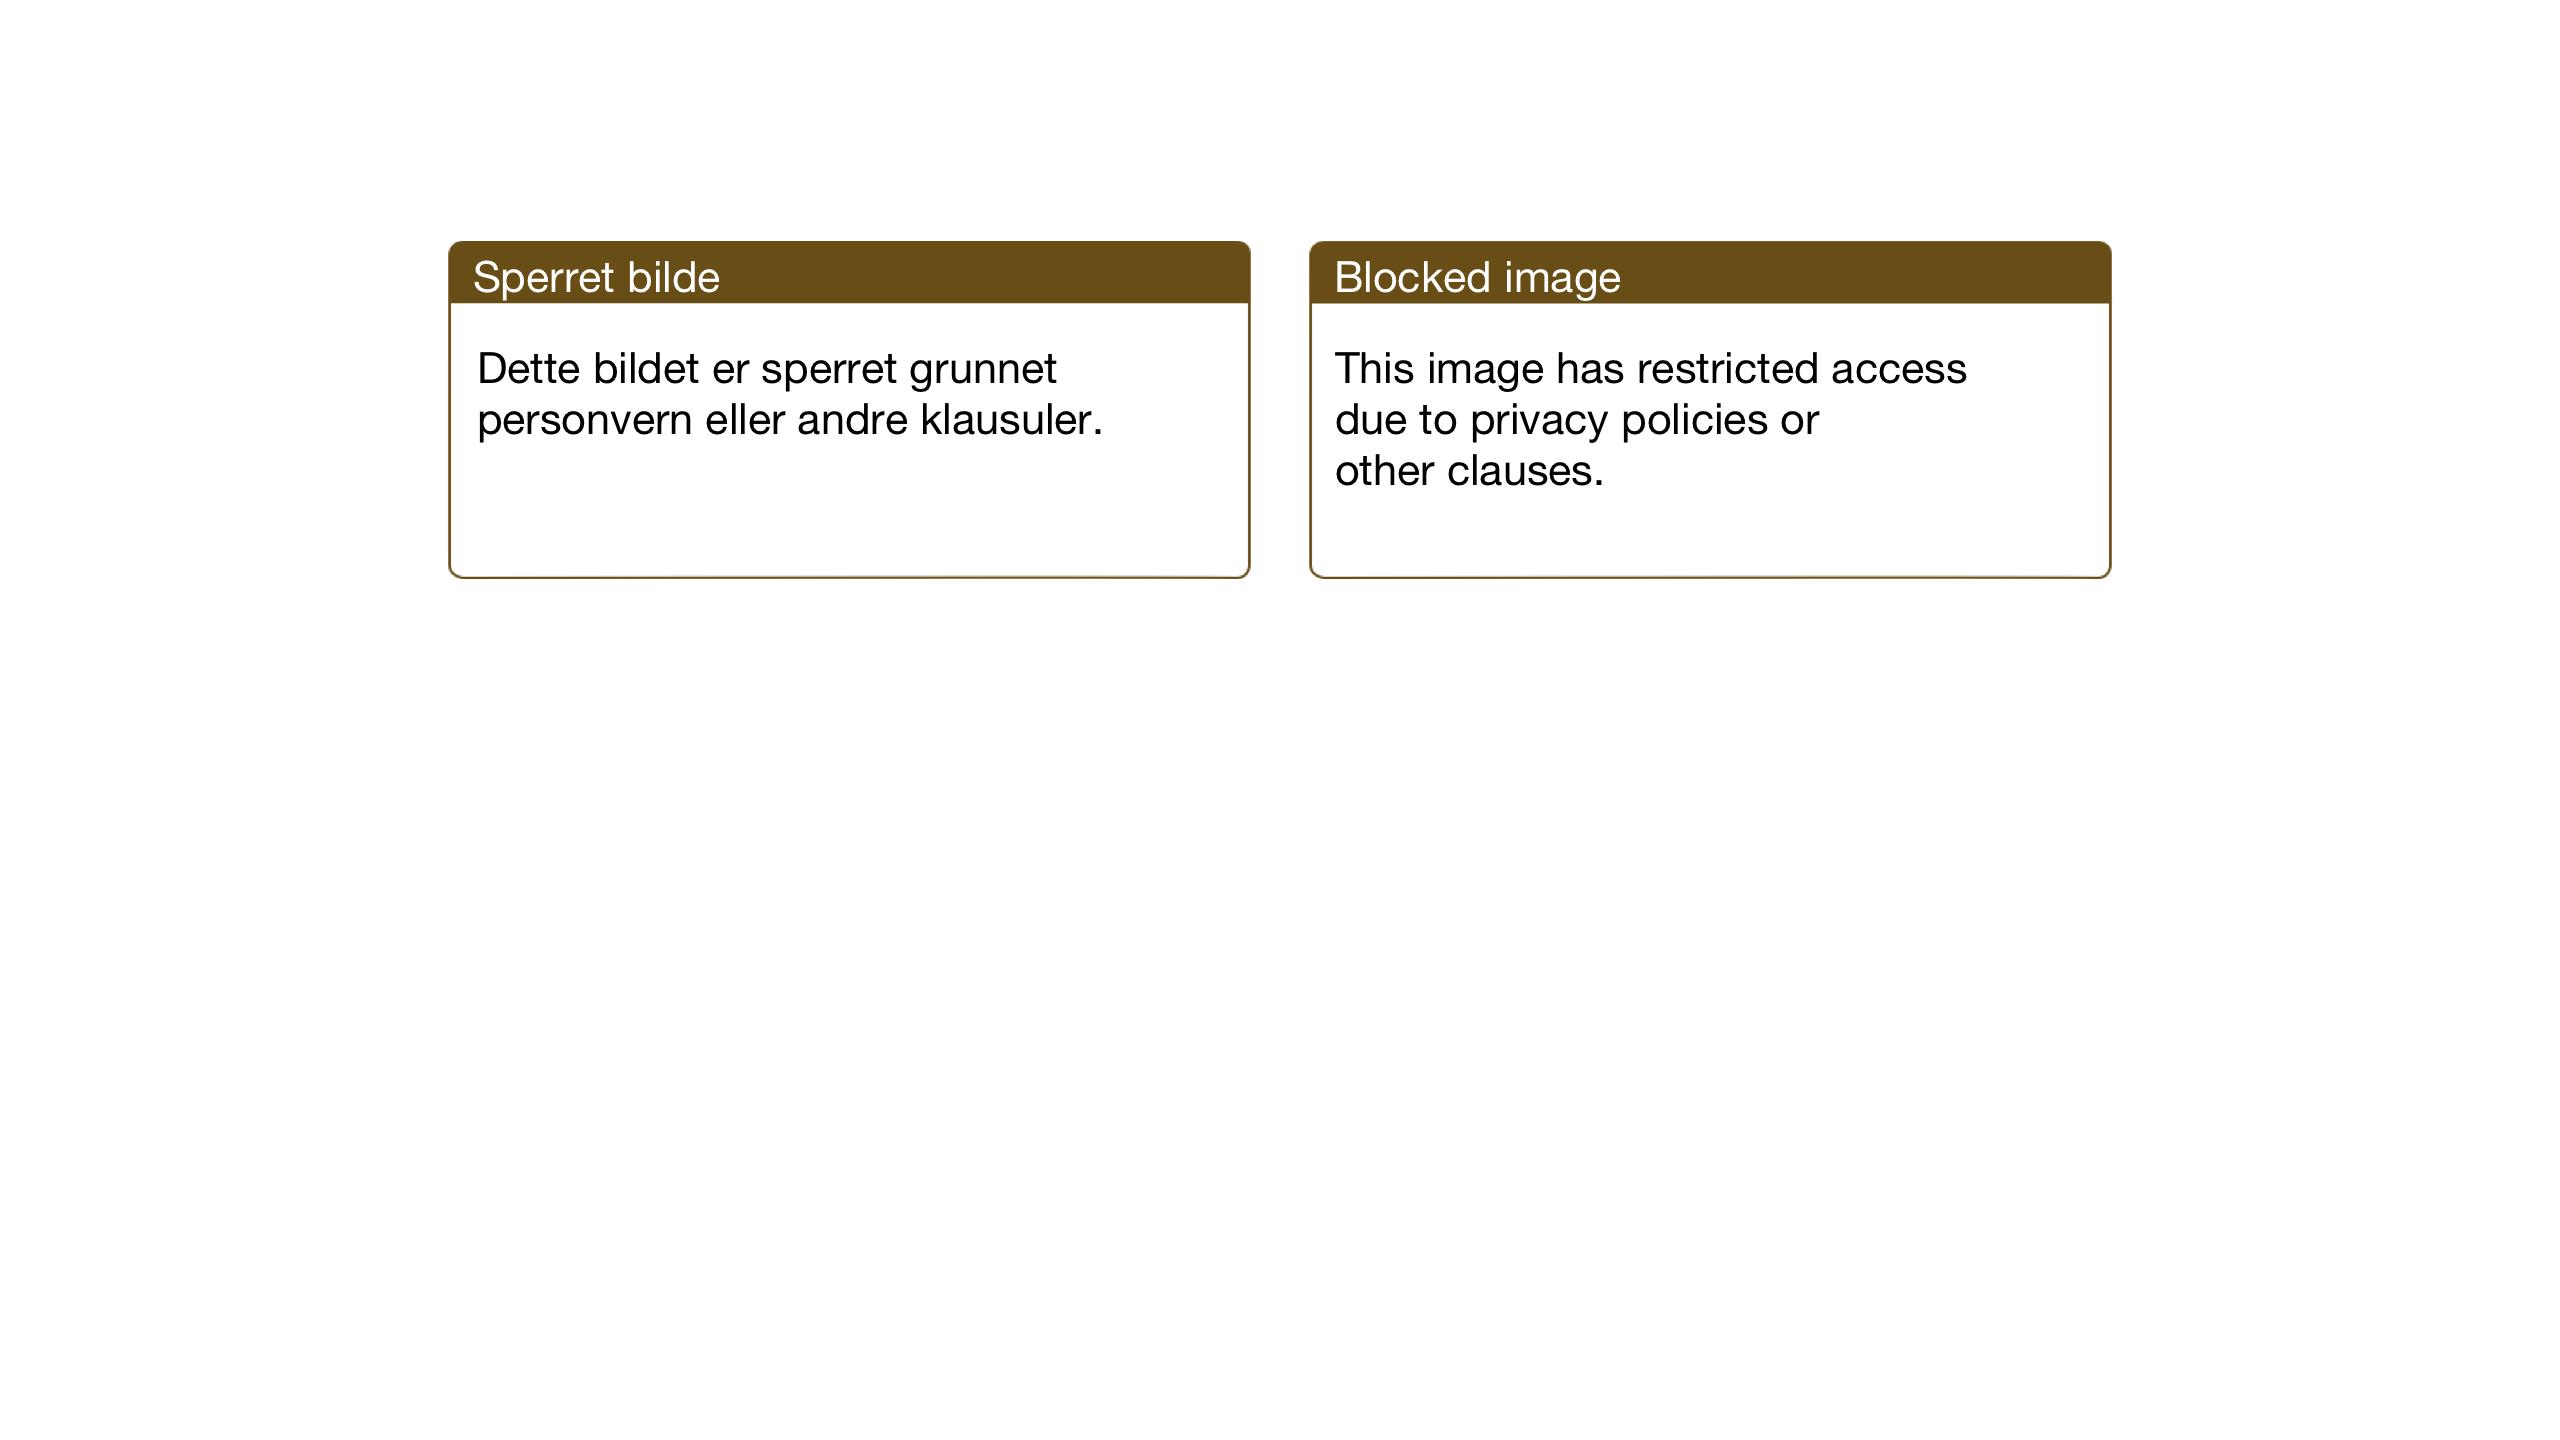 SAT, Ministerialprotokoller, klokkerbøker og fødselsregistre - Nord-Trøndelag, 701/L0019: Klokkerbok nr. 701C03, 1930-1953, s. 8